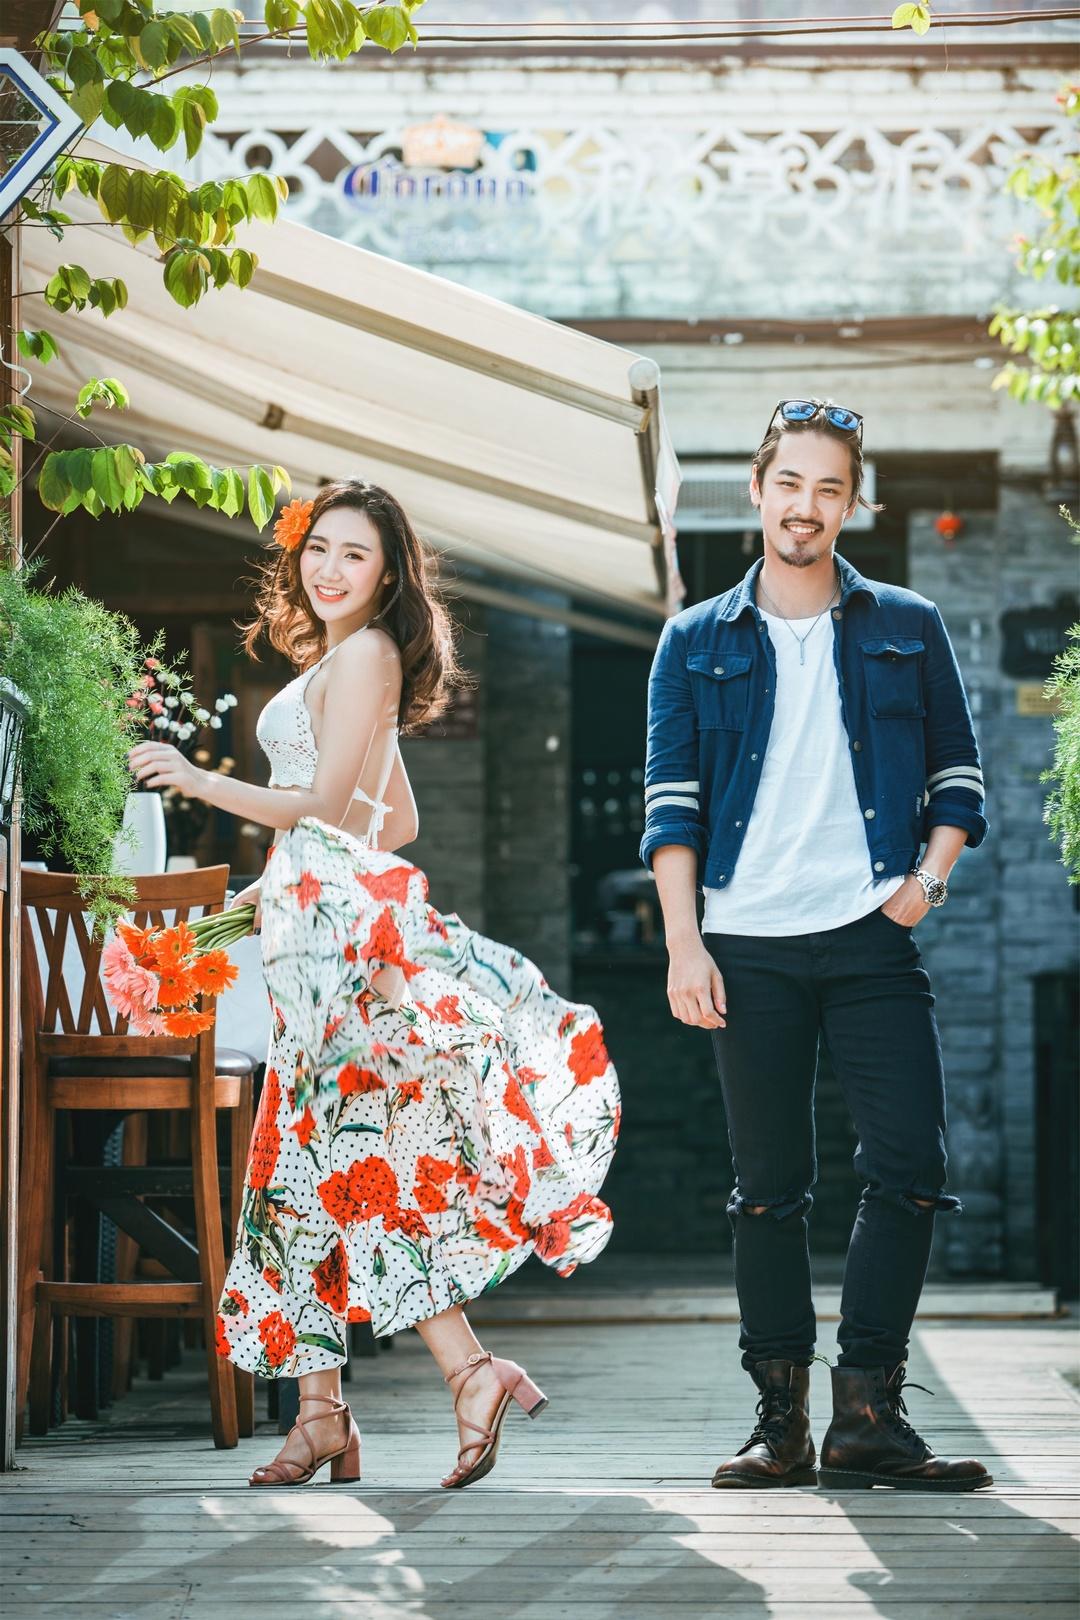 东莞婚纱摄影,好莱坞婚纱摄影最新主题